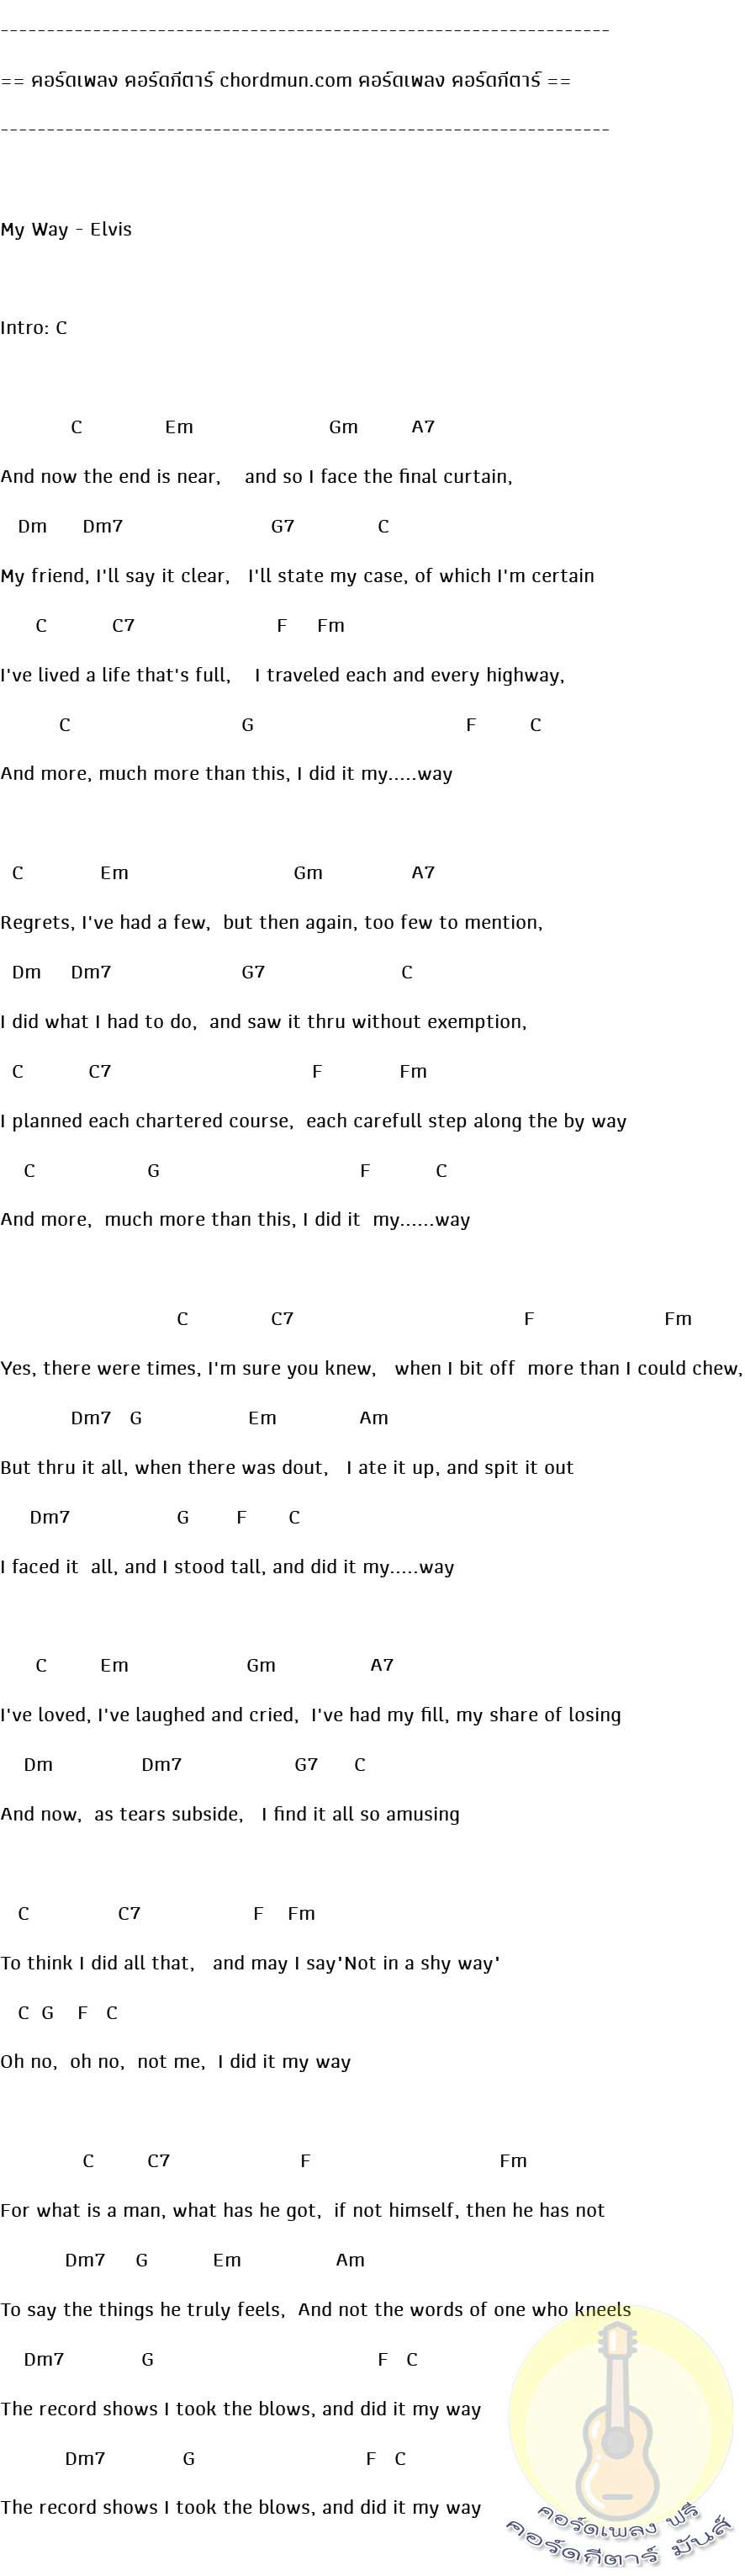 คอร์ดกีตาร์ ง่าย  เพลง My Way